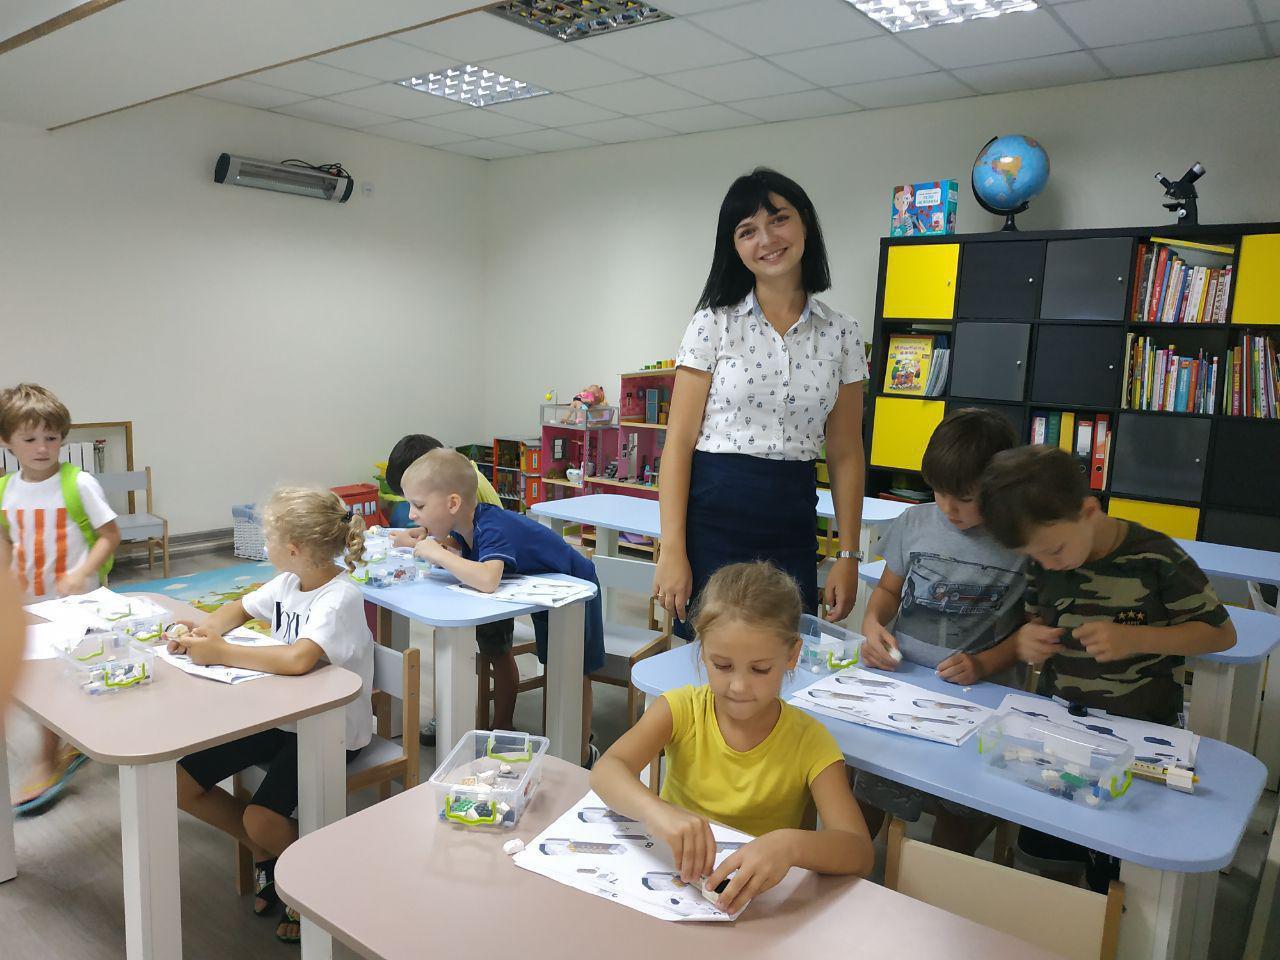 https://akademia-detstva.od.ua/app/uploads/2019/07/IMG-c5bc743c3130a02078e793ad98ade677-V.jpg